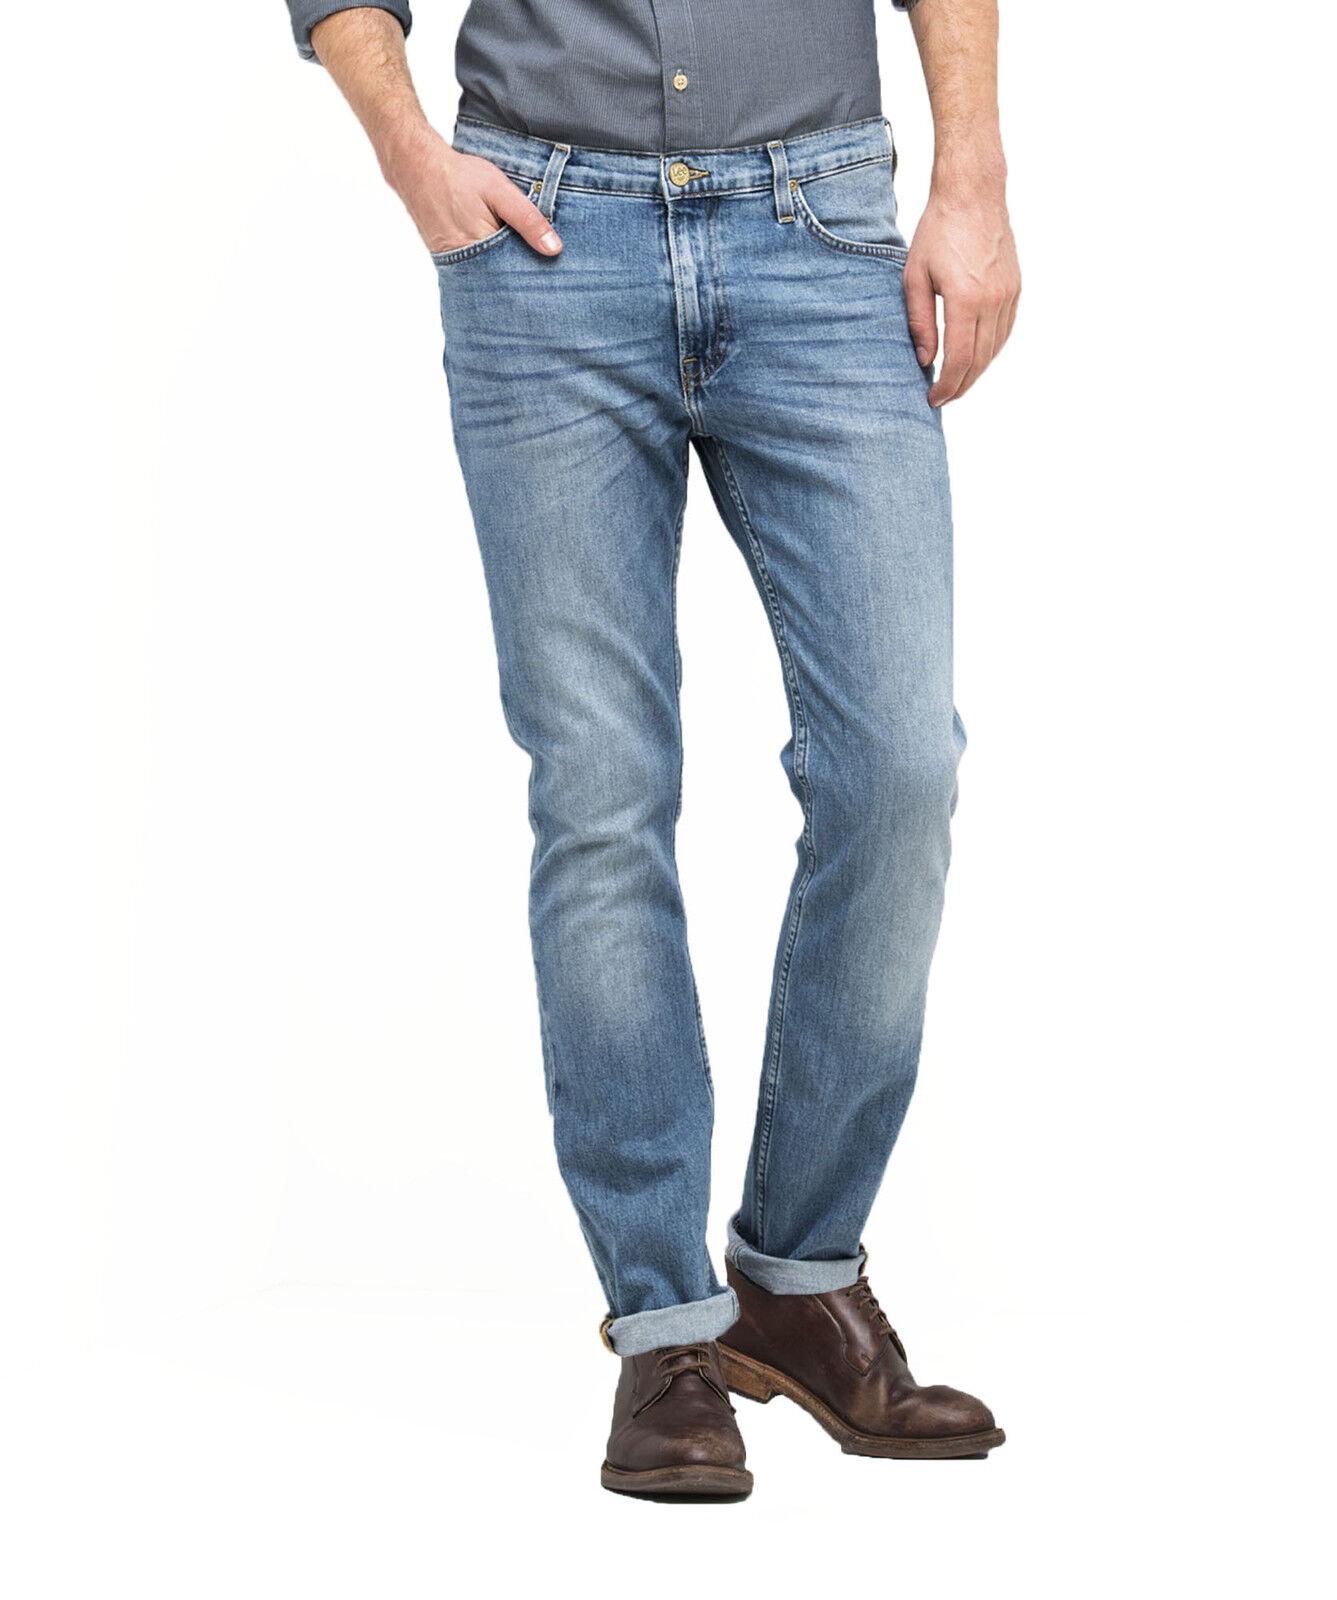 LEE Rider Jeans en denim extensible à jambe étroite et à taille régulière pour hommes, à l ombre claire